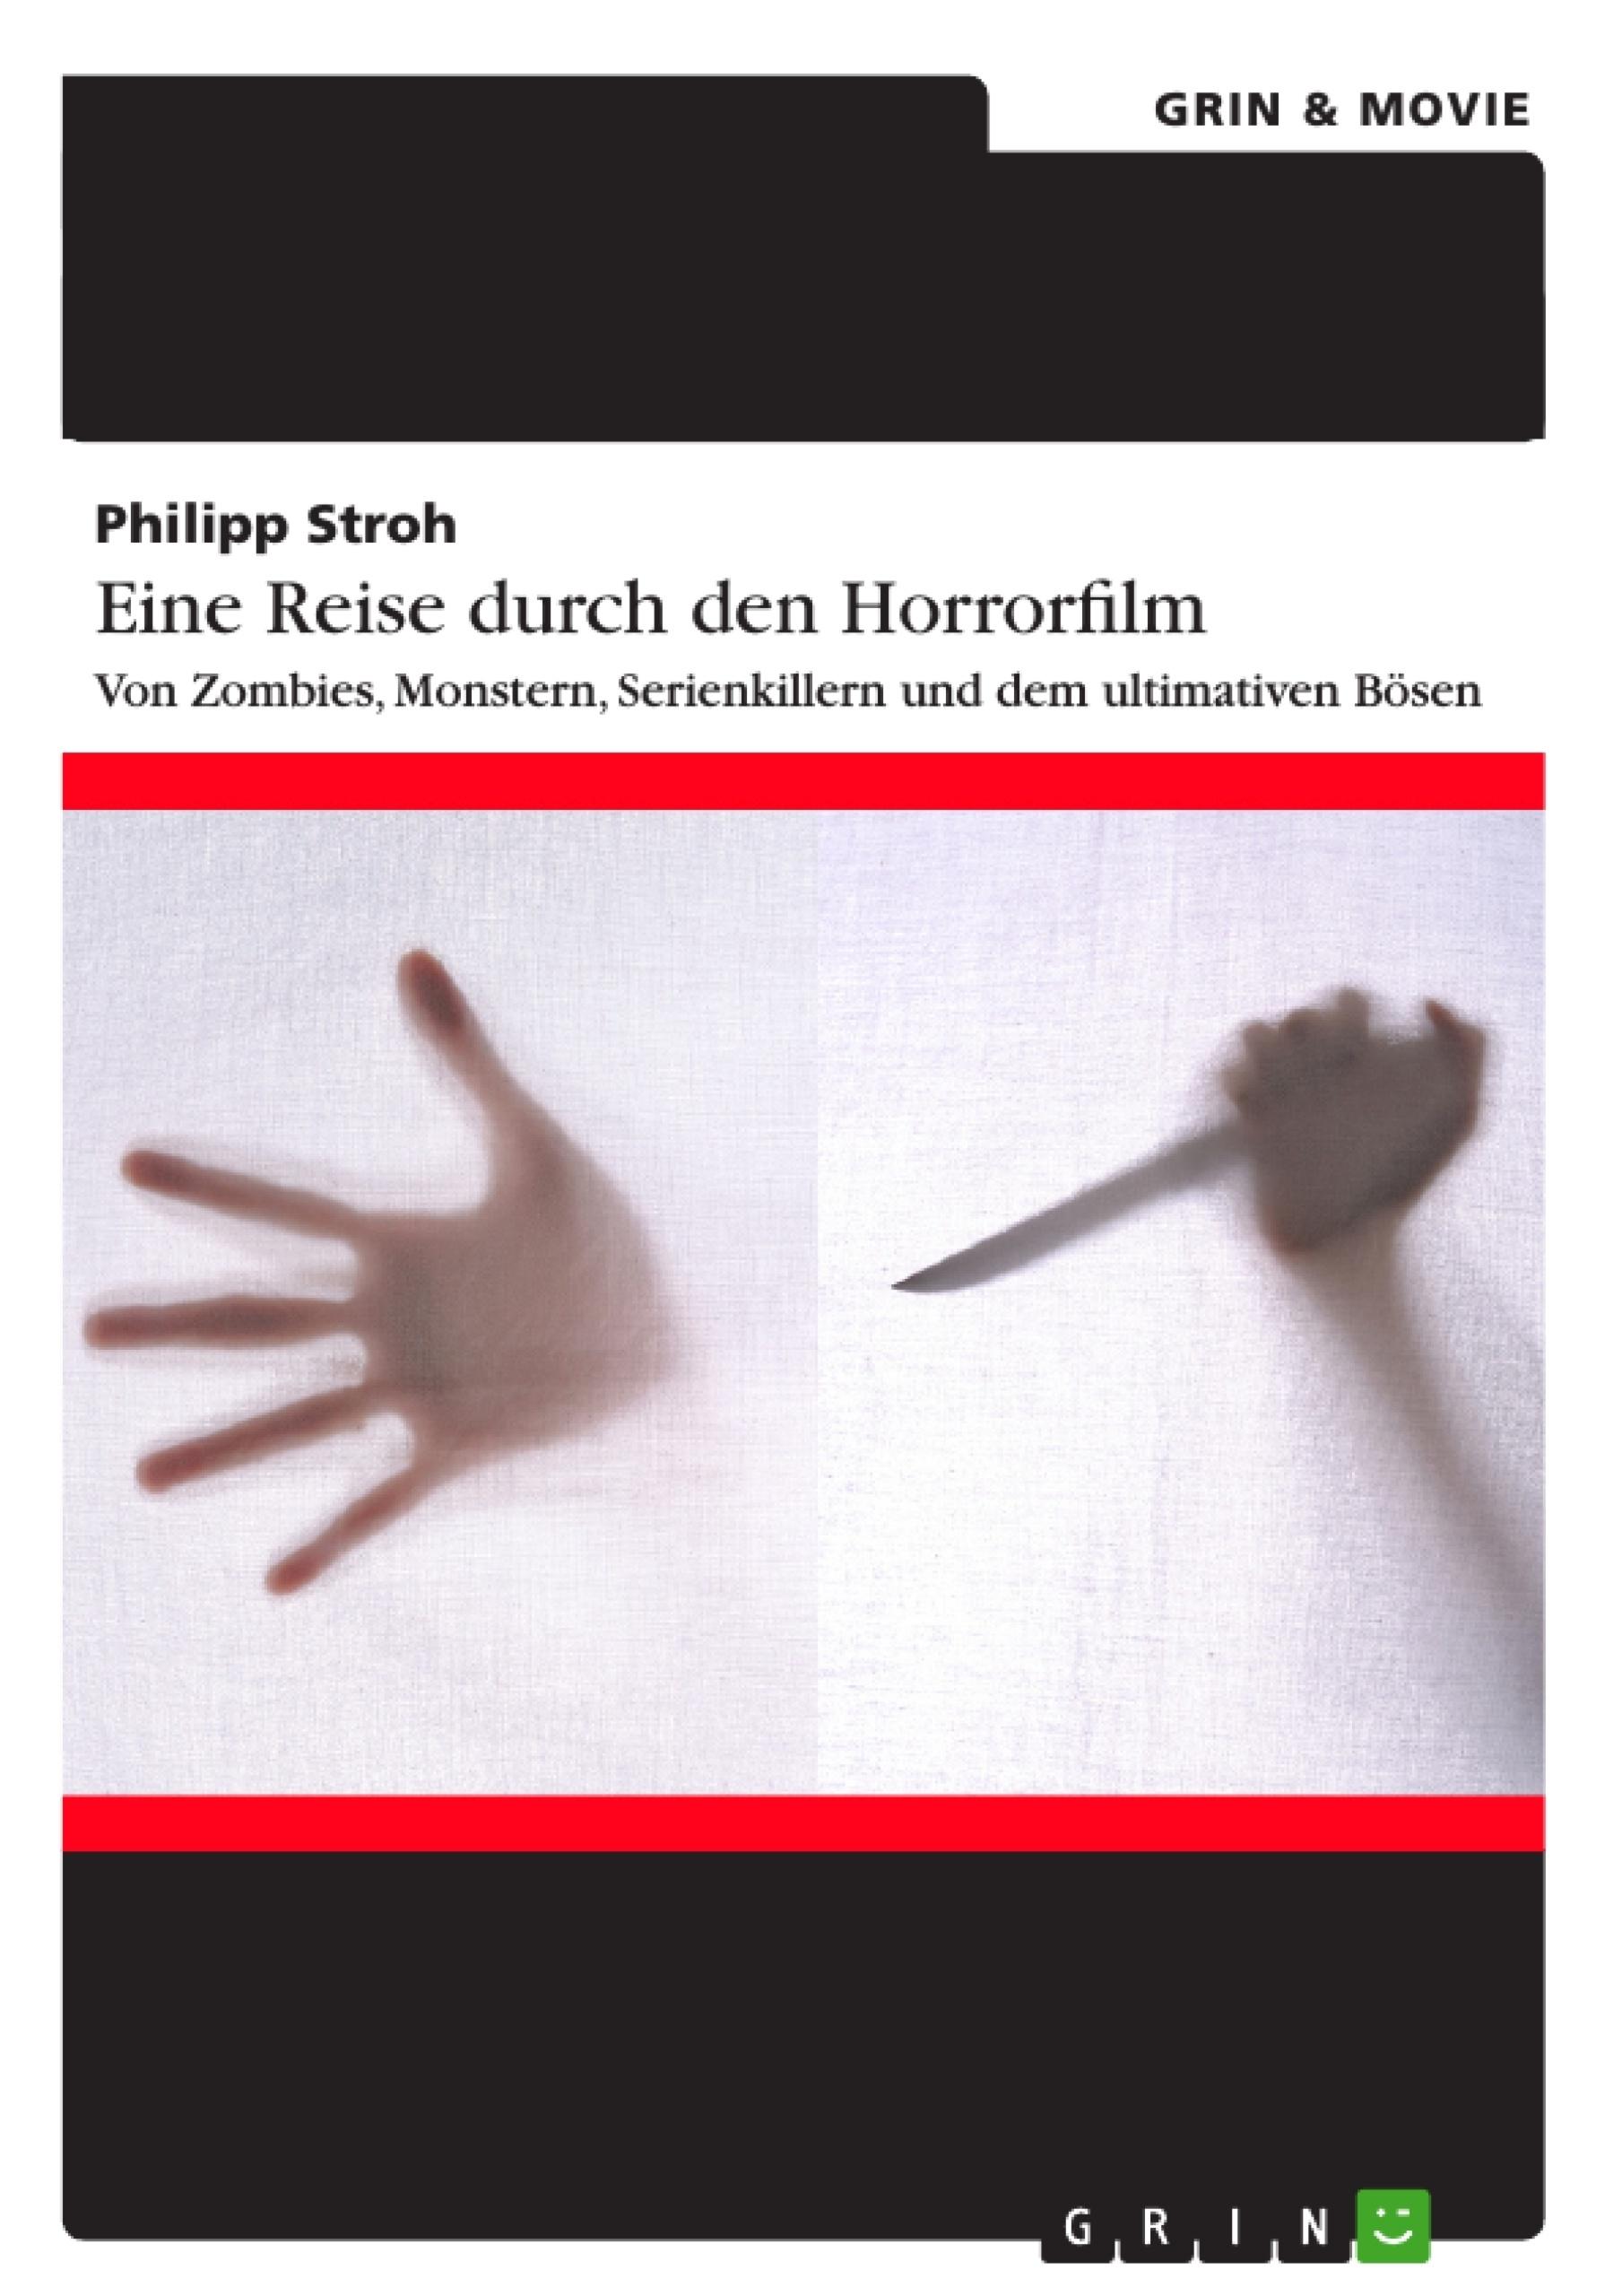 Titel: Eine Reise durch den Horrorfilm. Von Zombies, Monstern, Serienkillern und dem ultimativen Bösen